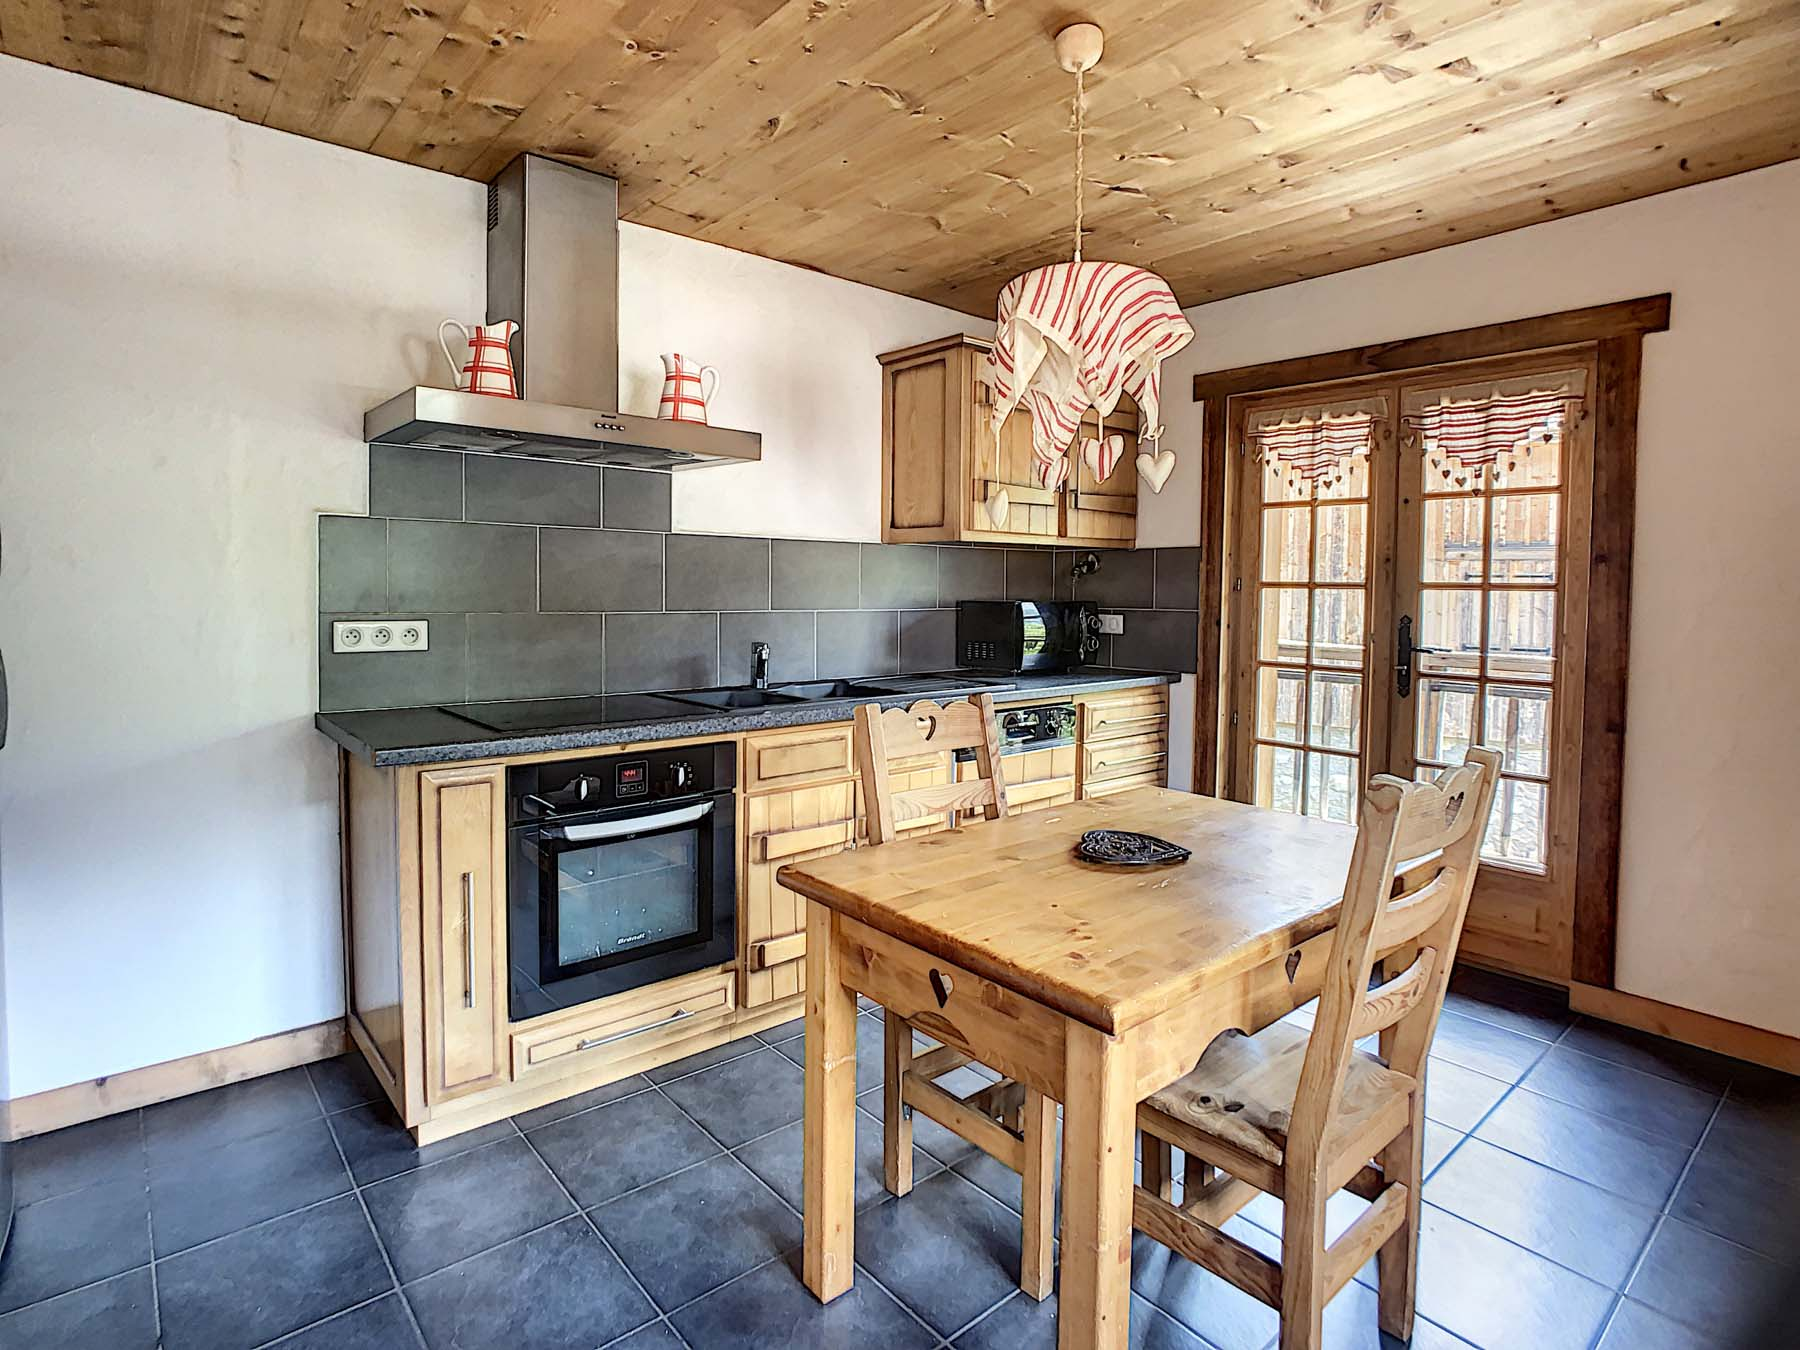 Mernaz 1160 Apartment Kitchen